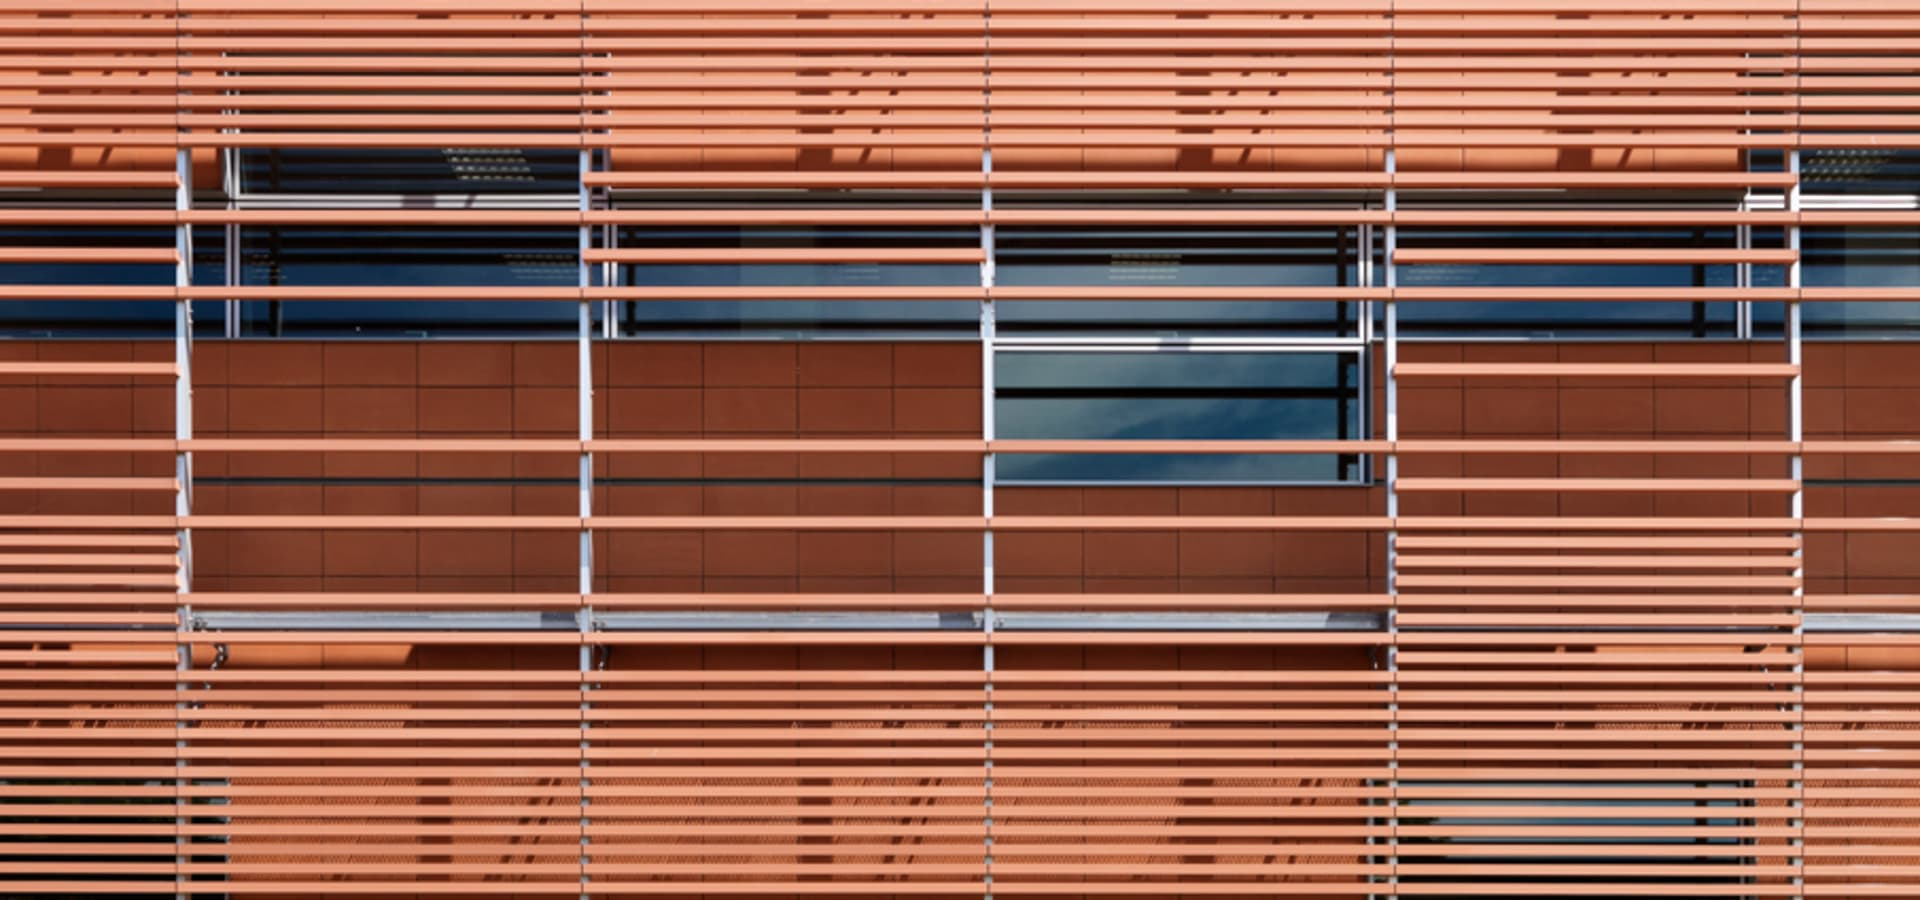 Frigerio Design Group